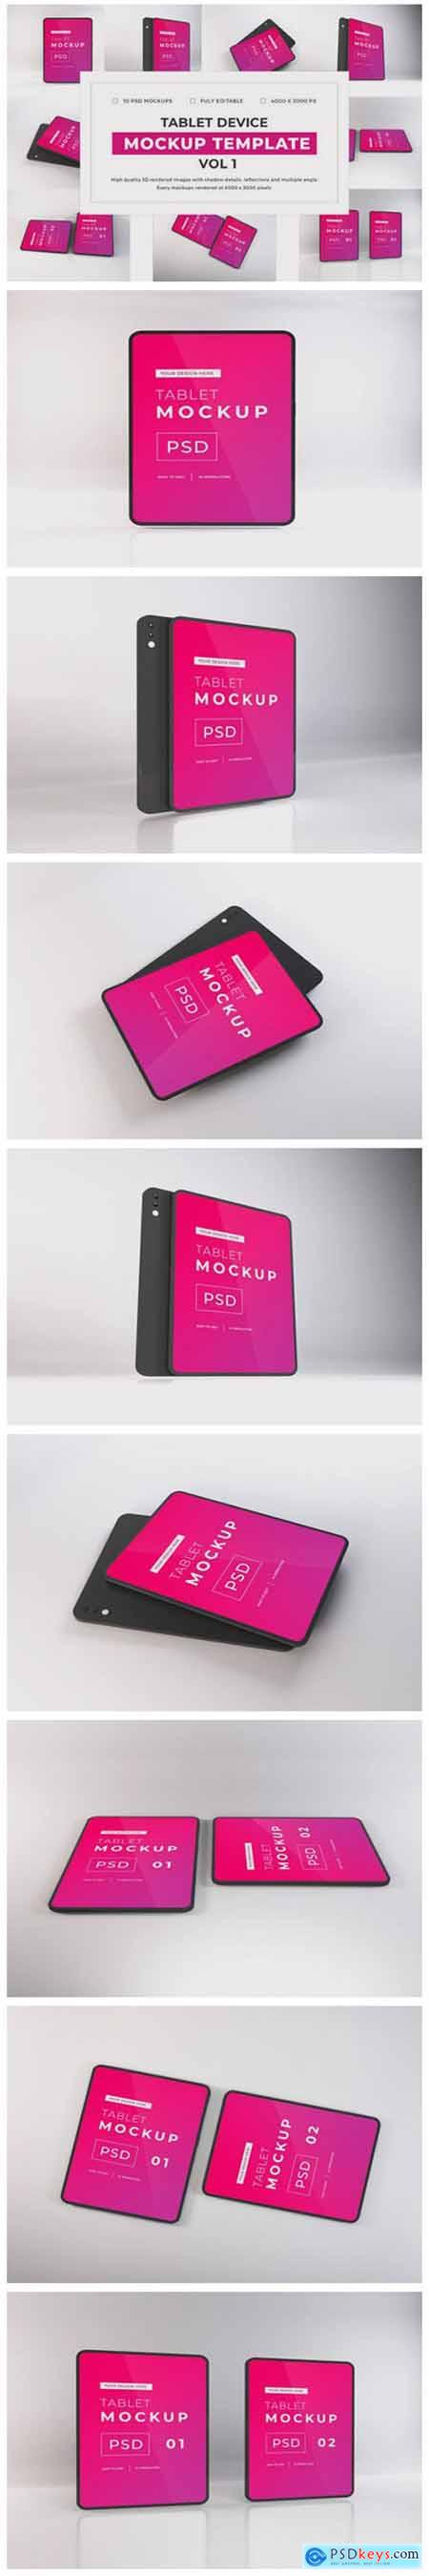 Tablet Device Mockup Bundle Vol 1 6717421